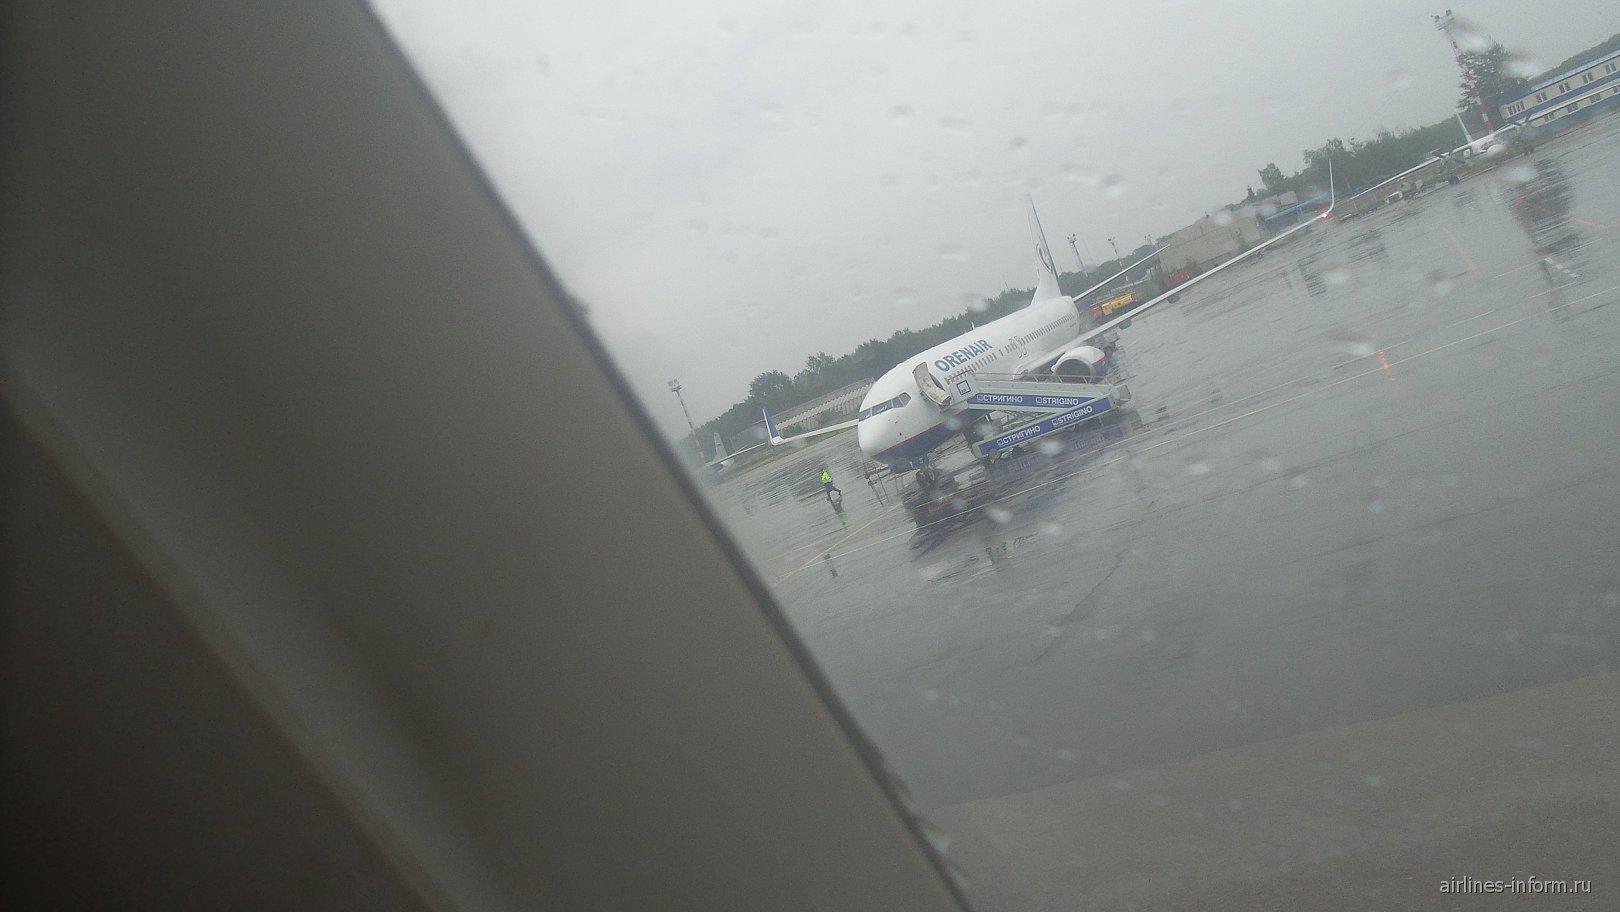 Боинг 737-800 ОренЭйр и Ан-26 на заднем плане.